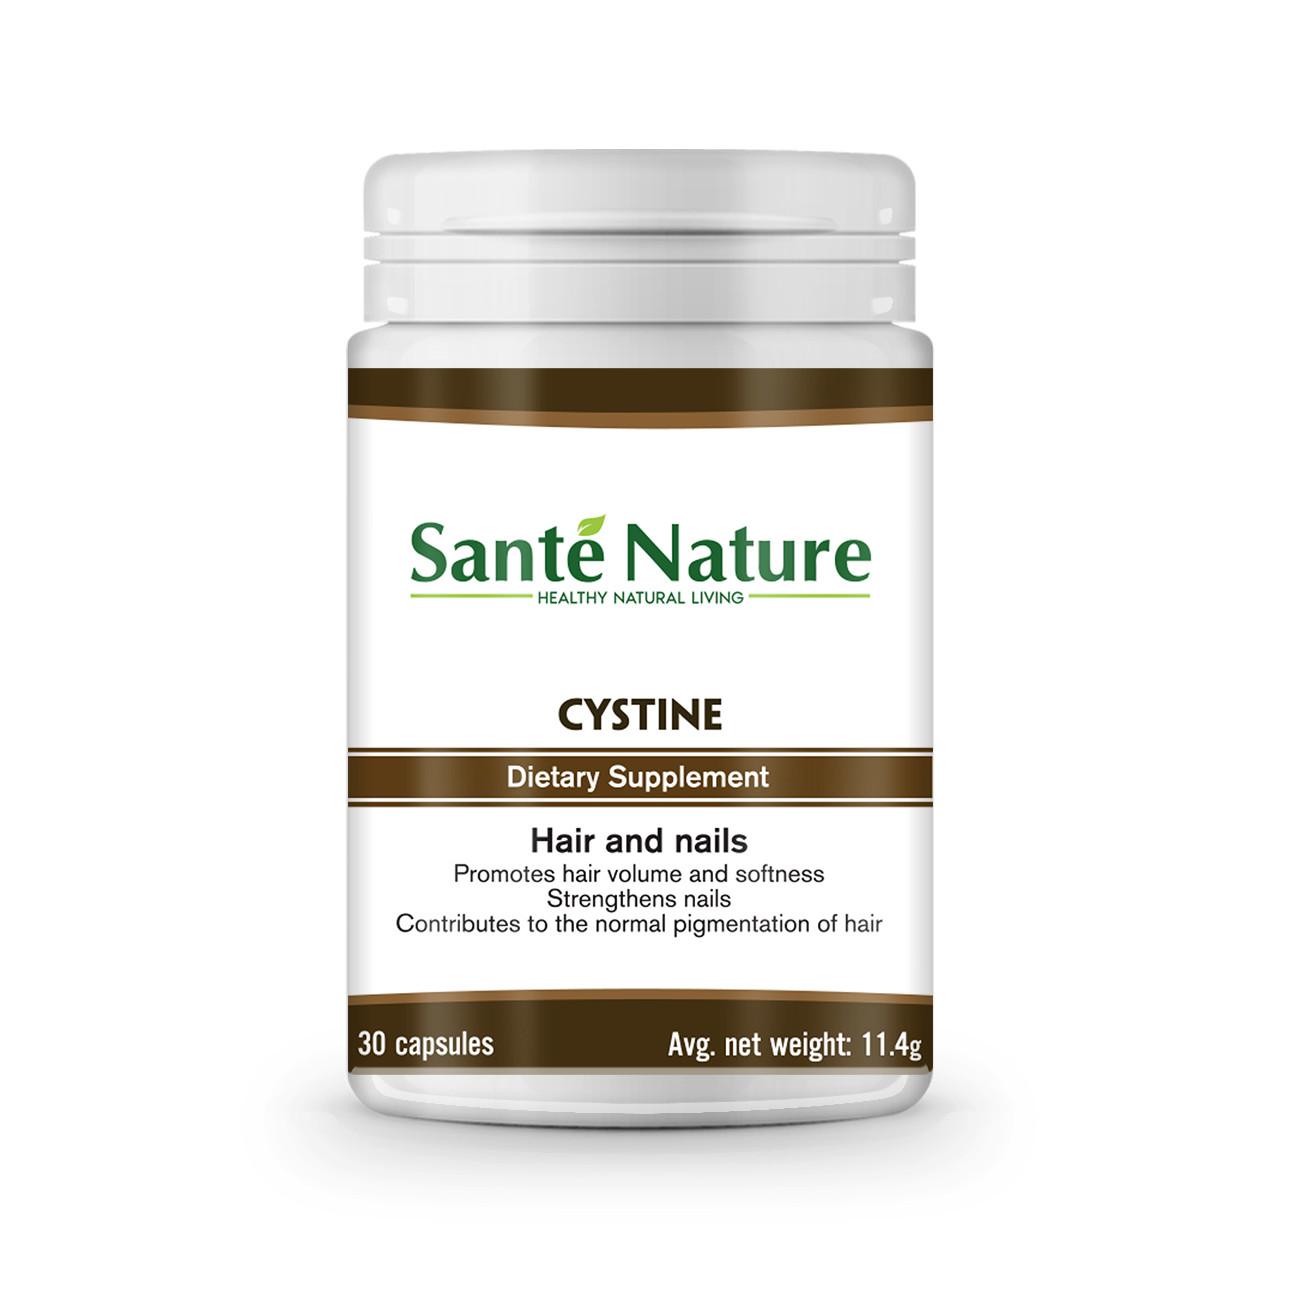 Thực phẩm bảo vệ sức khỏe tự nhiên Giúp tóc, móng chắc khỏe Cystine